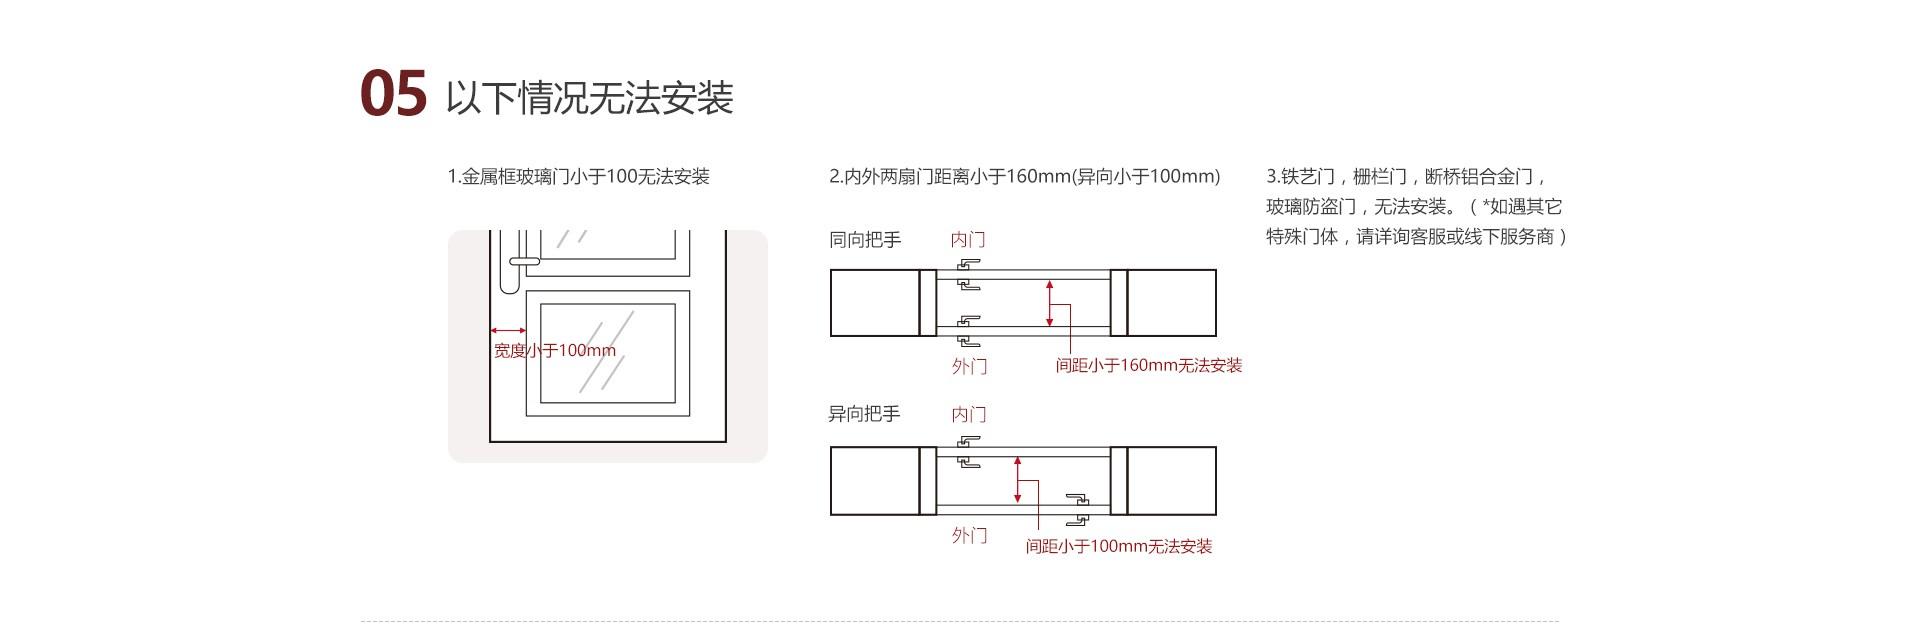 自购须知-web_06.jpg